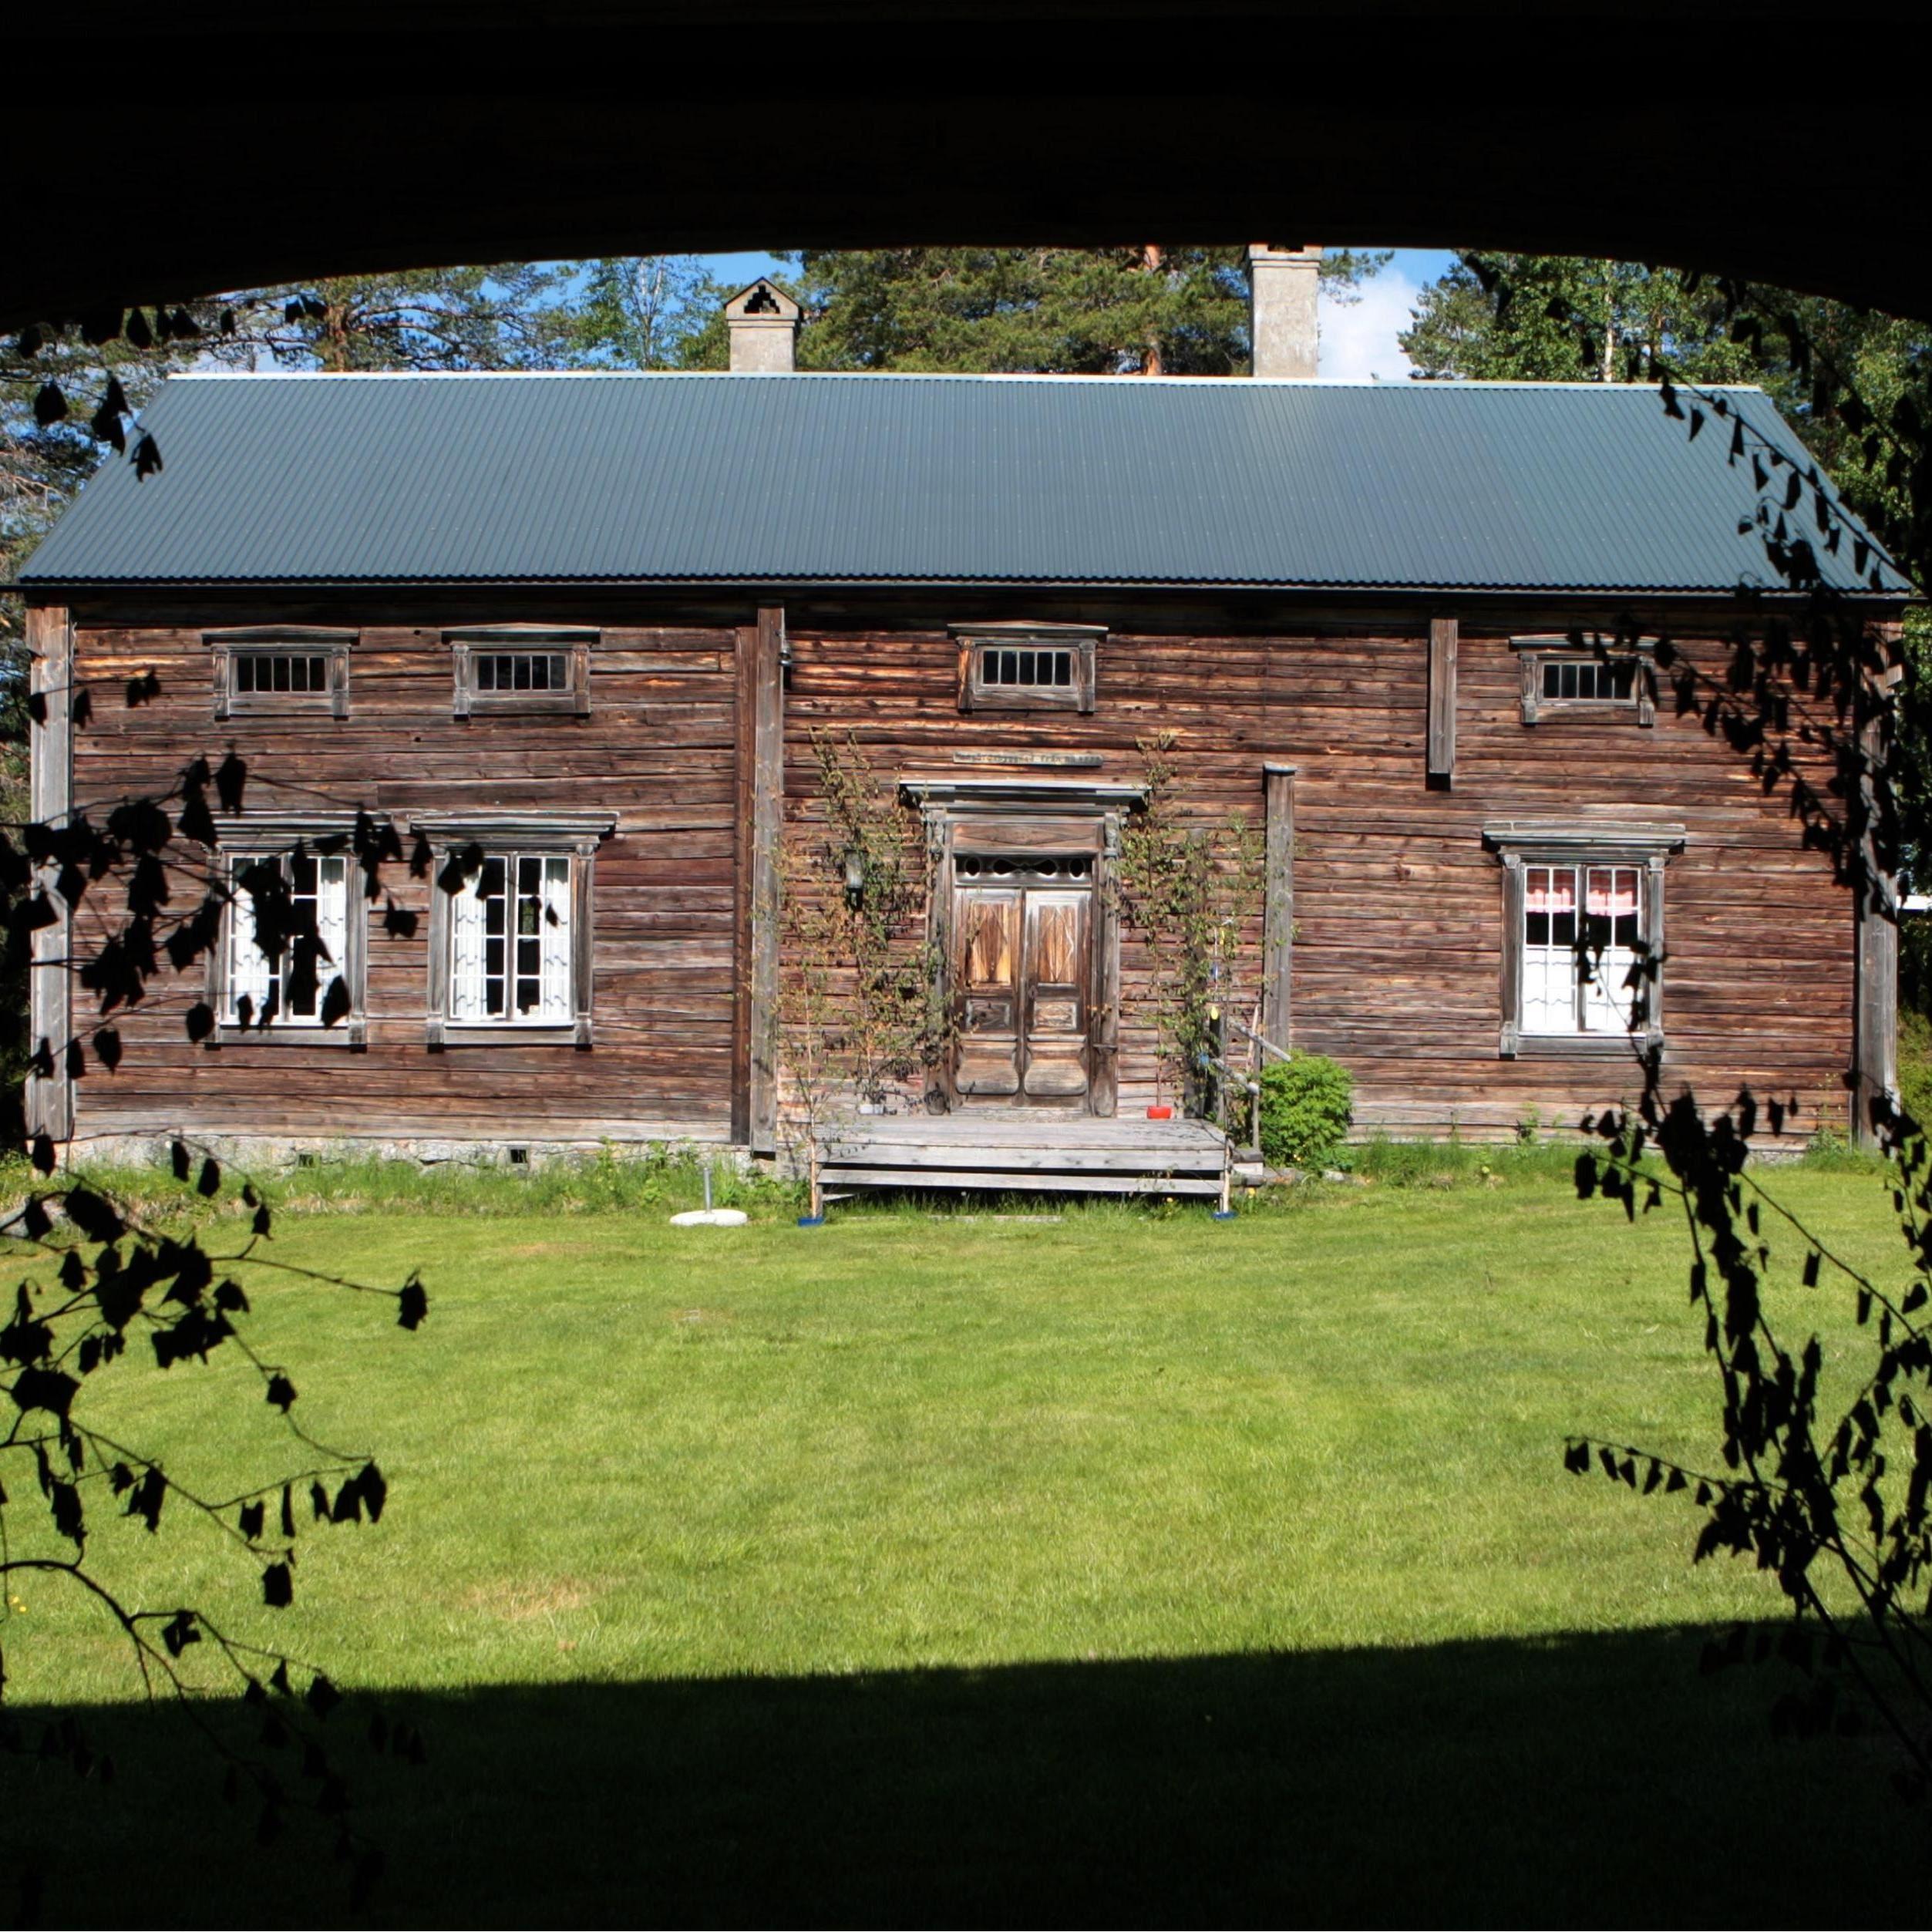 Foto:Stefan Sundqvist , Junsele hembygdsgård